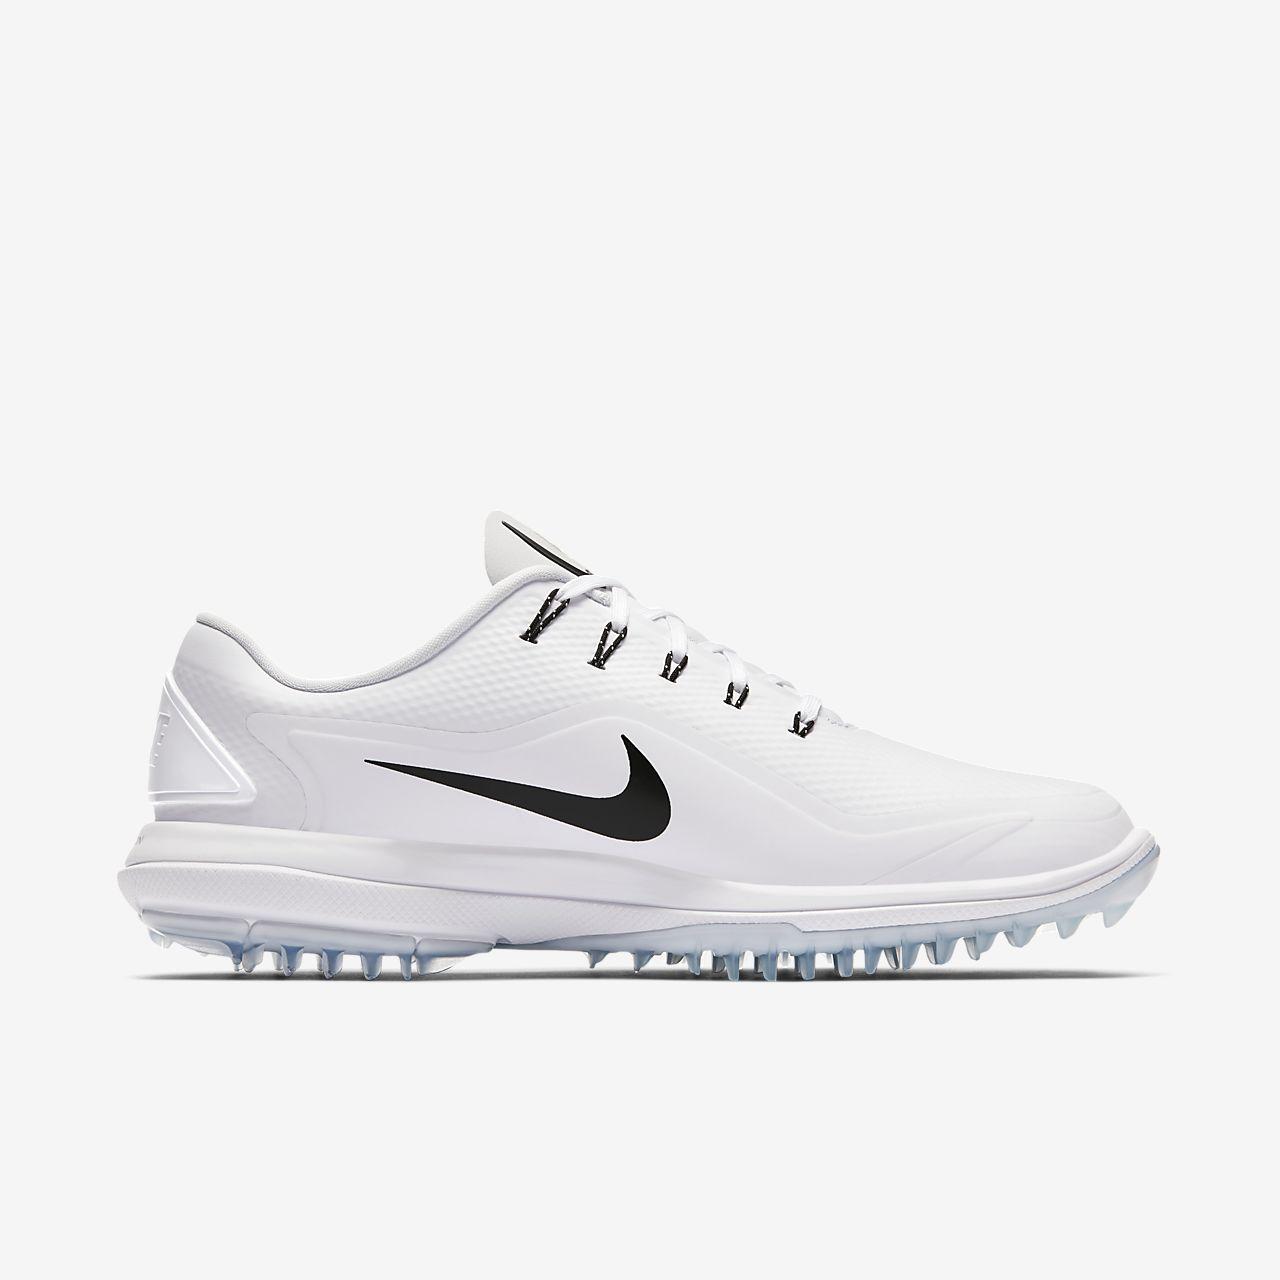 ... Chaussure de golf Nike Lunar Control Vapor 2 pour Homme